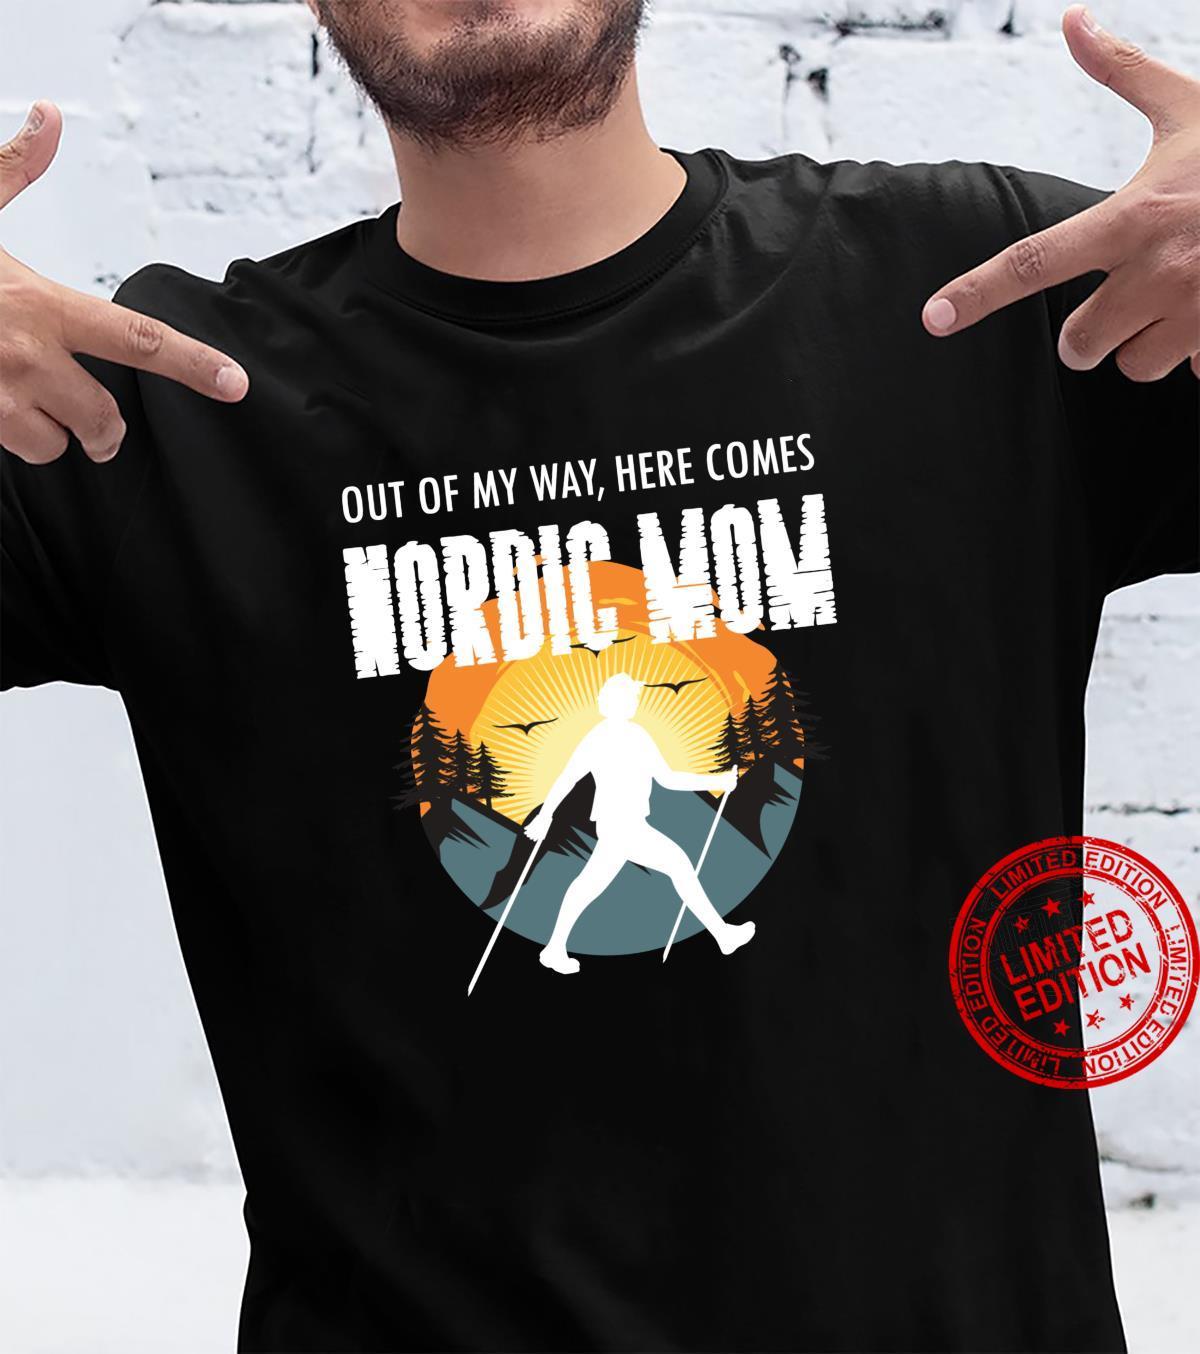 Mutter Geschenk Idee Nordic Mom, Nordic Walking Sport Shirt